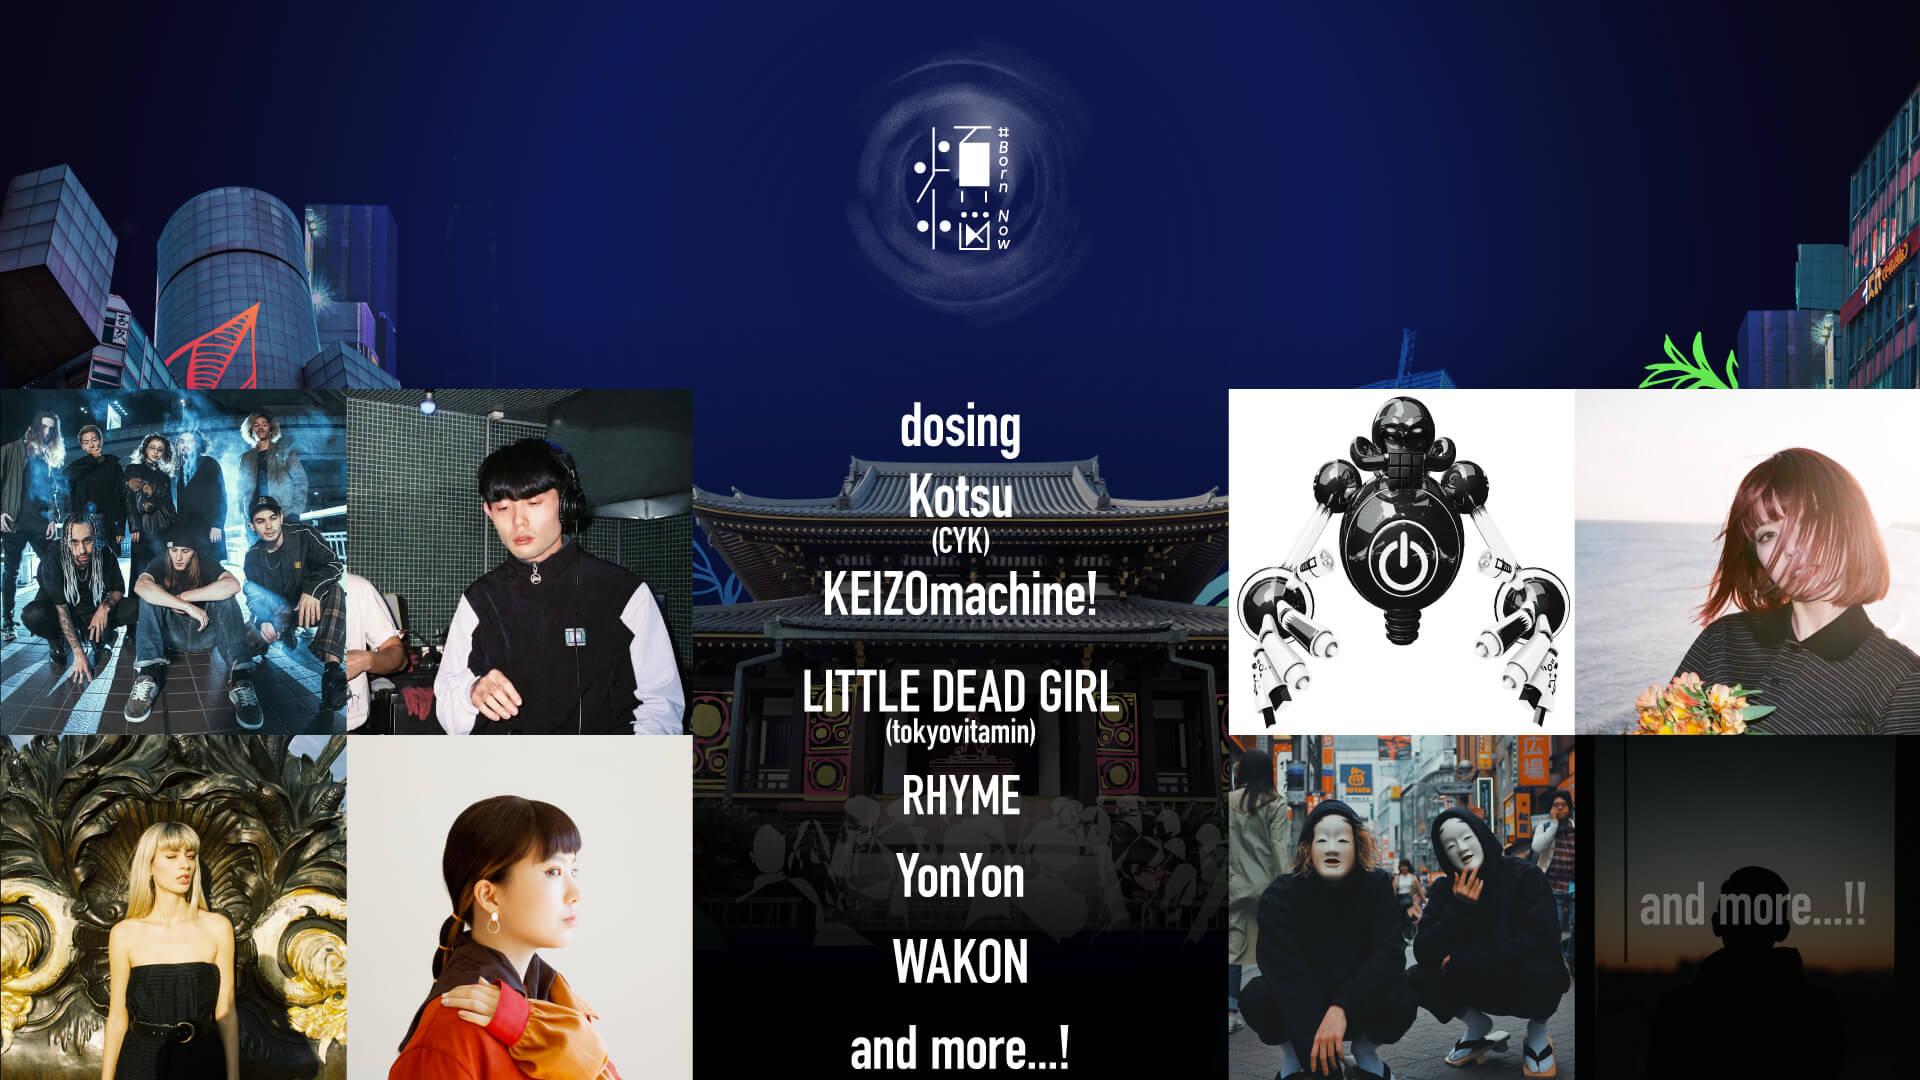 お寺で開催されるダンスミュージックフェス<煩悩 #BornNow>が今年は渋谷に上陸|CYK・Kotsu、YonYon、LITTLE DEAD GIRL、dosingらが出演 music190828-bornnow2019-1